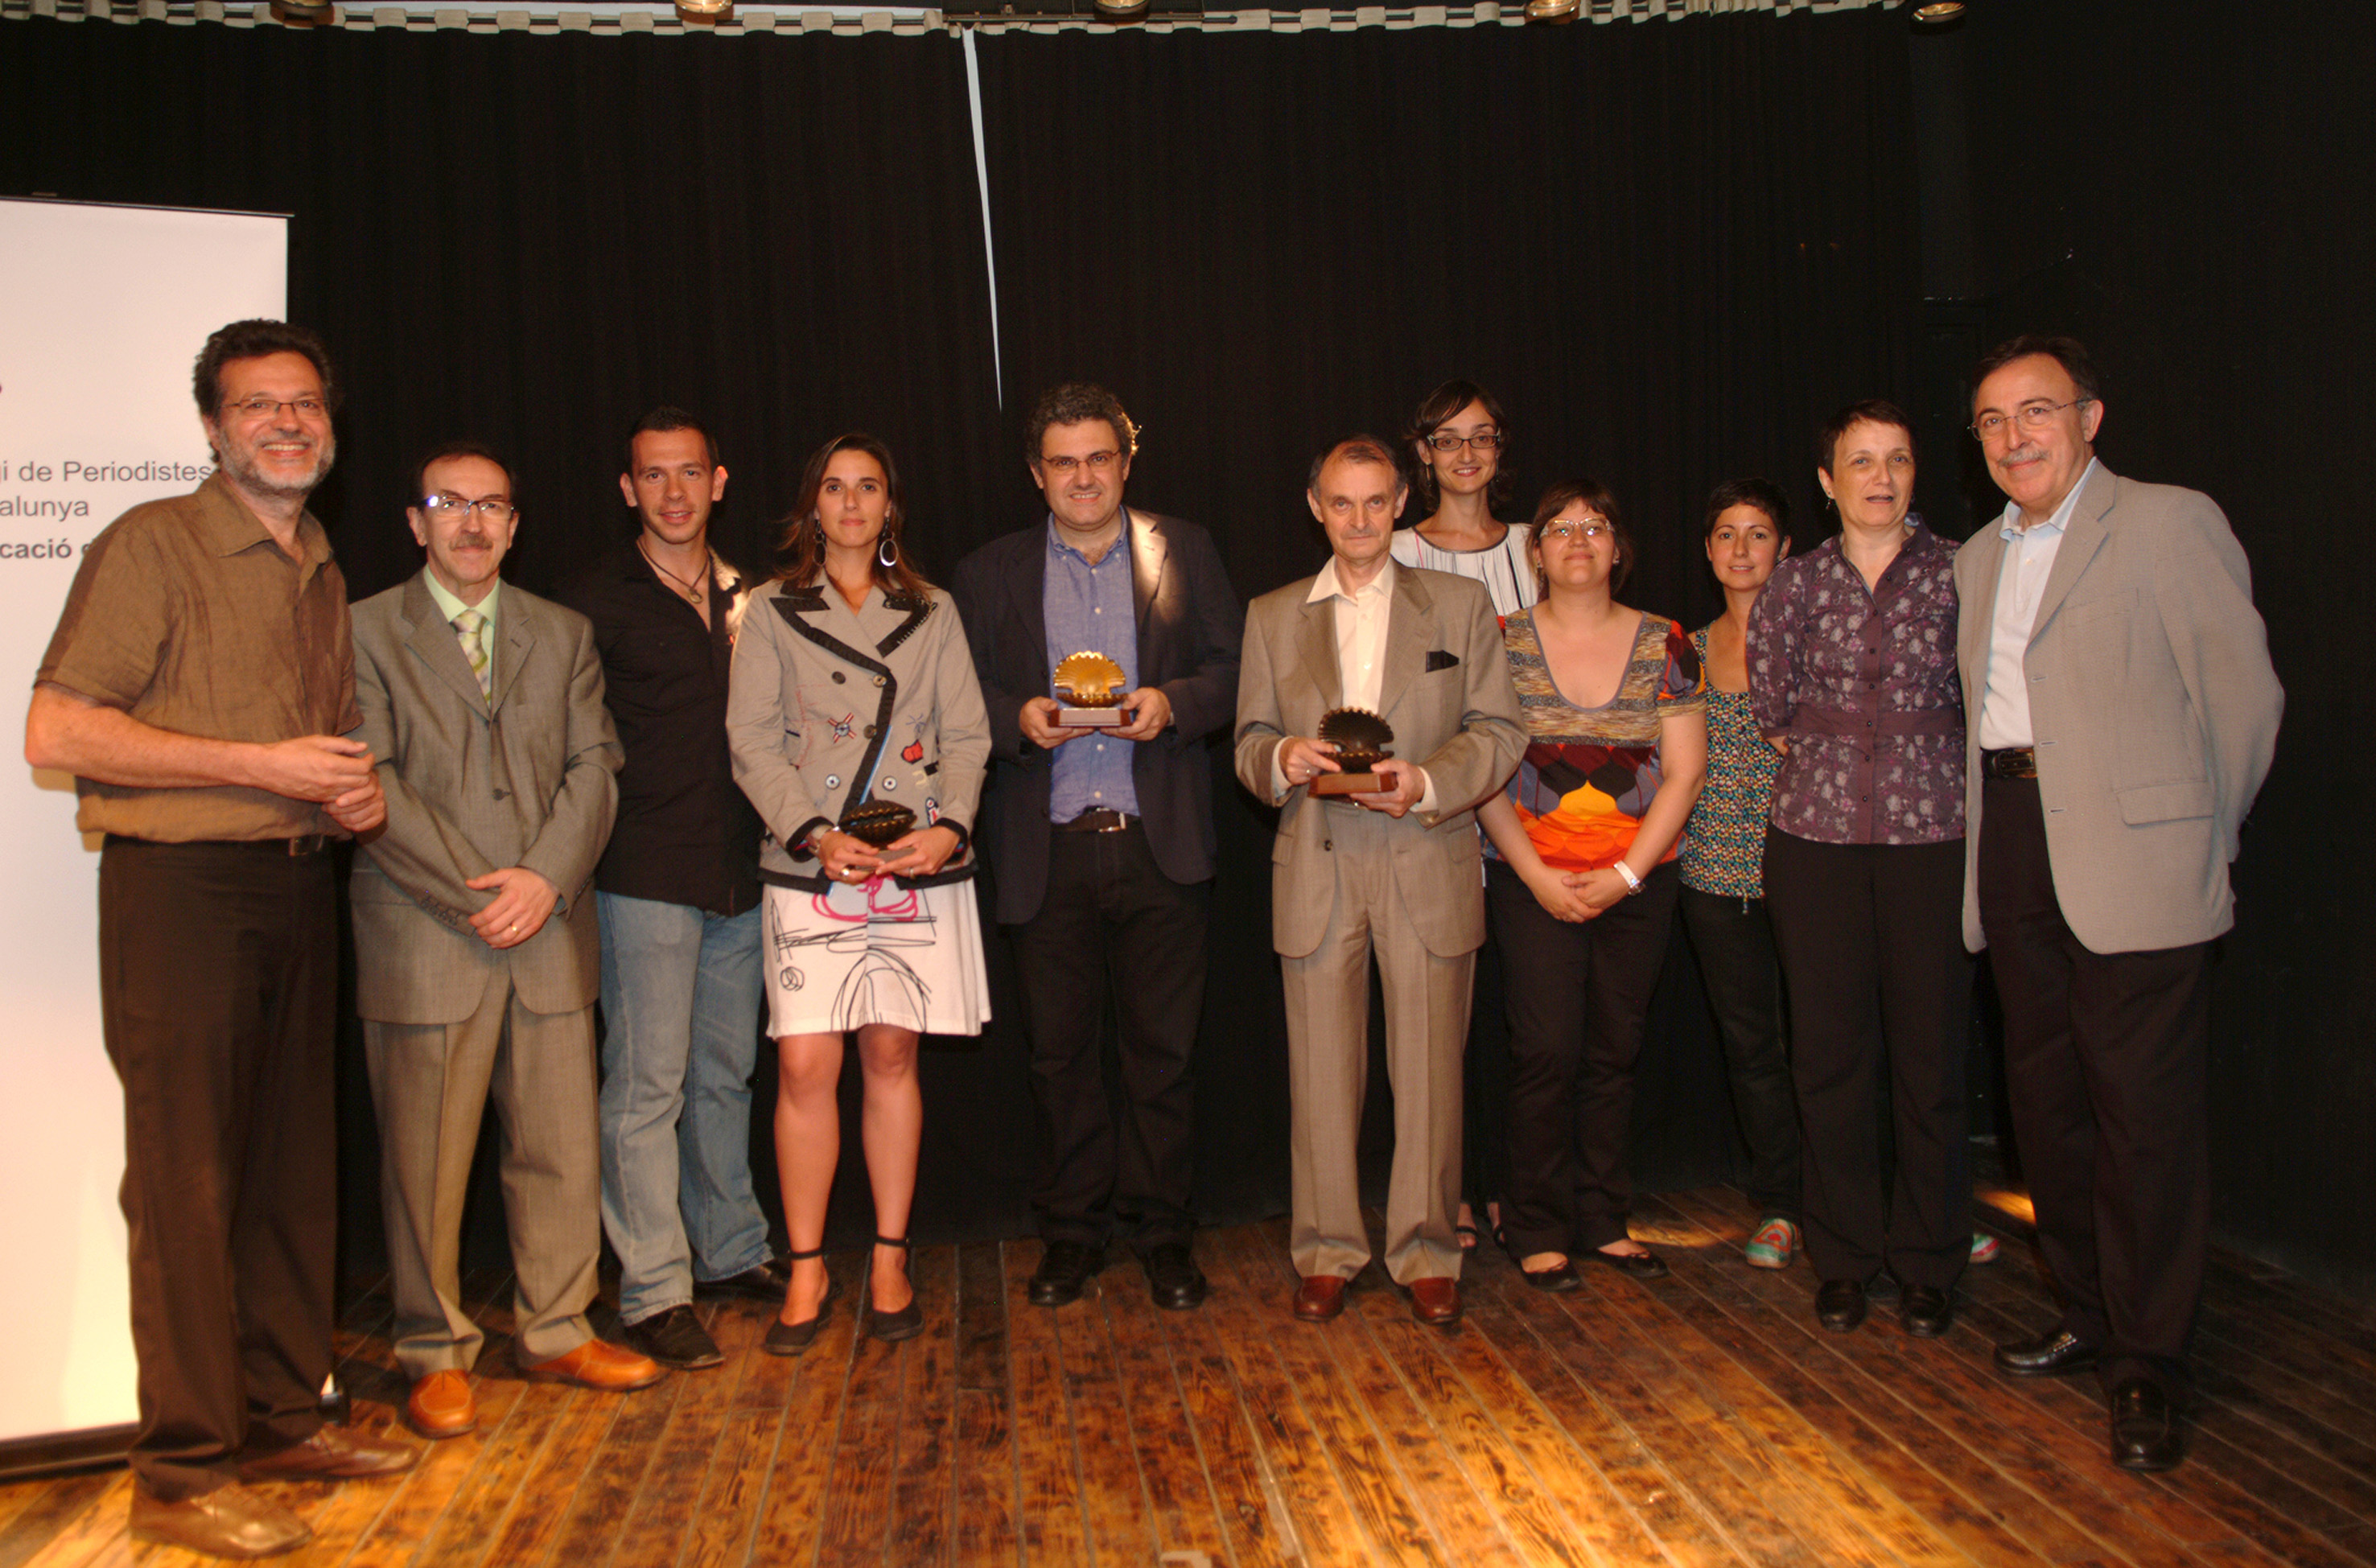 Lliurament Petxines 2009 amb el president de l'Audiència, Antonio Carril (oberta), el periodista Xavier Bas (daurada) i l'oficina de comunicació dels Mossos (tancada), acompanyats dels finalistes